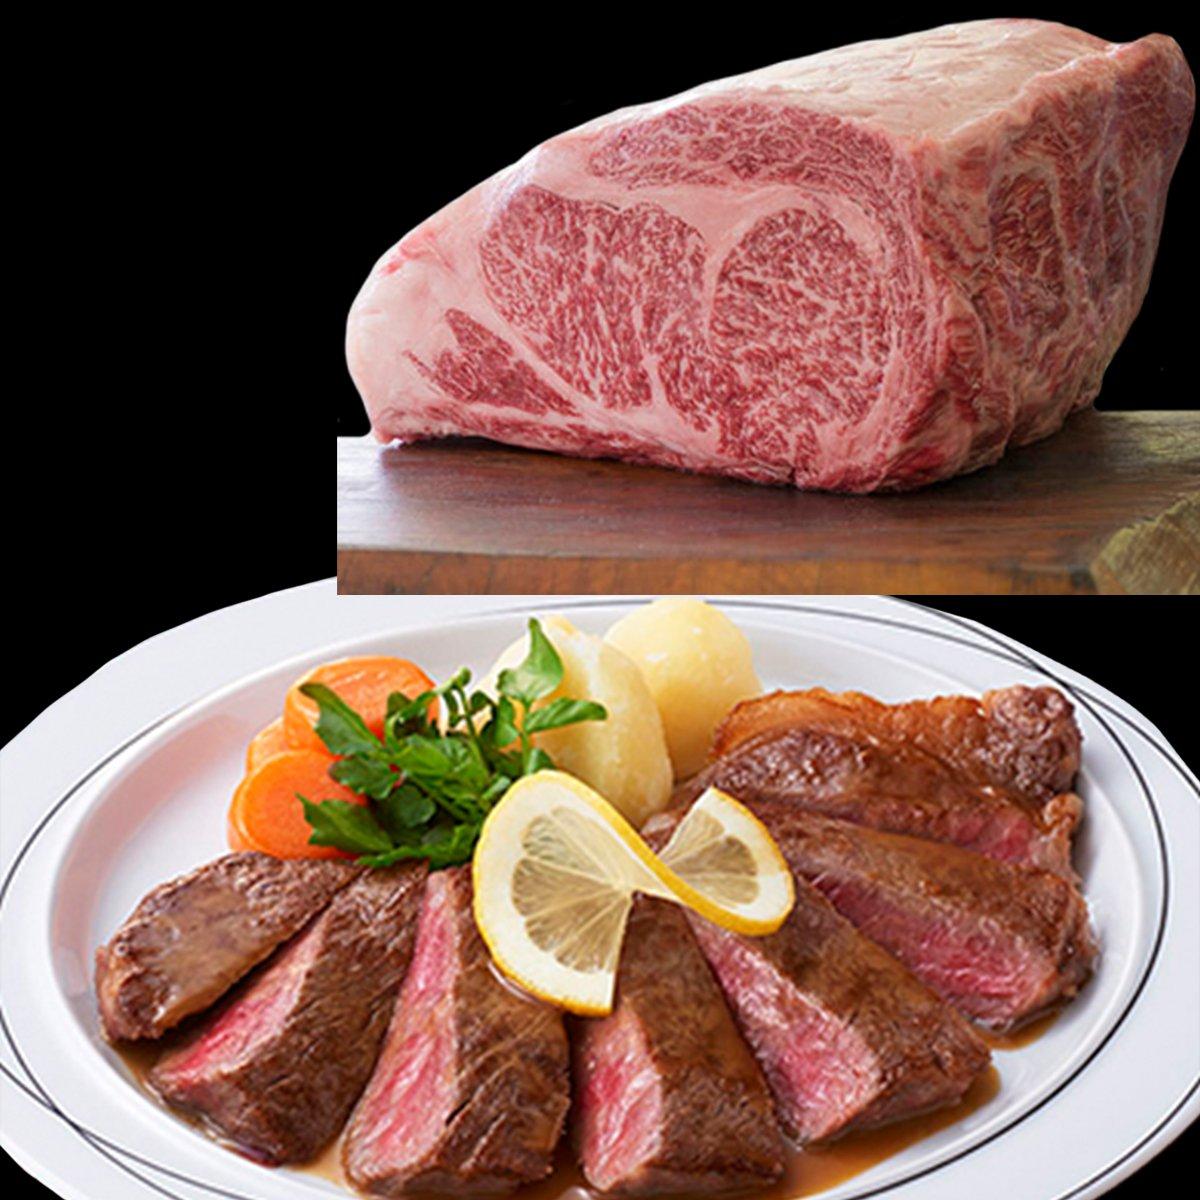 Kagoshima A5 Wagyu Ribeye Steak Cut (1.5cm) / 鹿児島産5等級黒毛和牛リブロース ステーキカット (1.5cm)